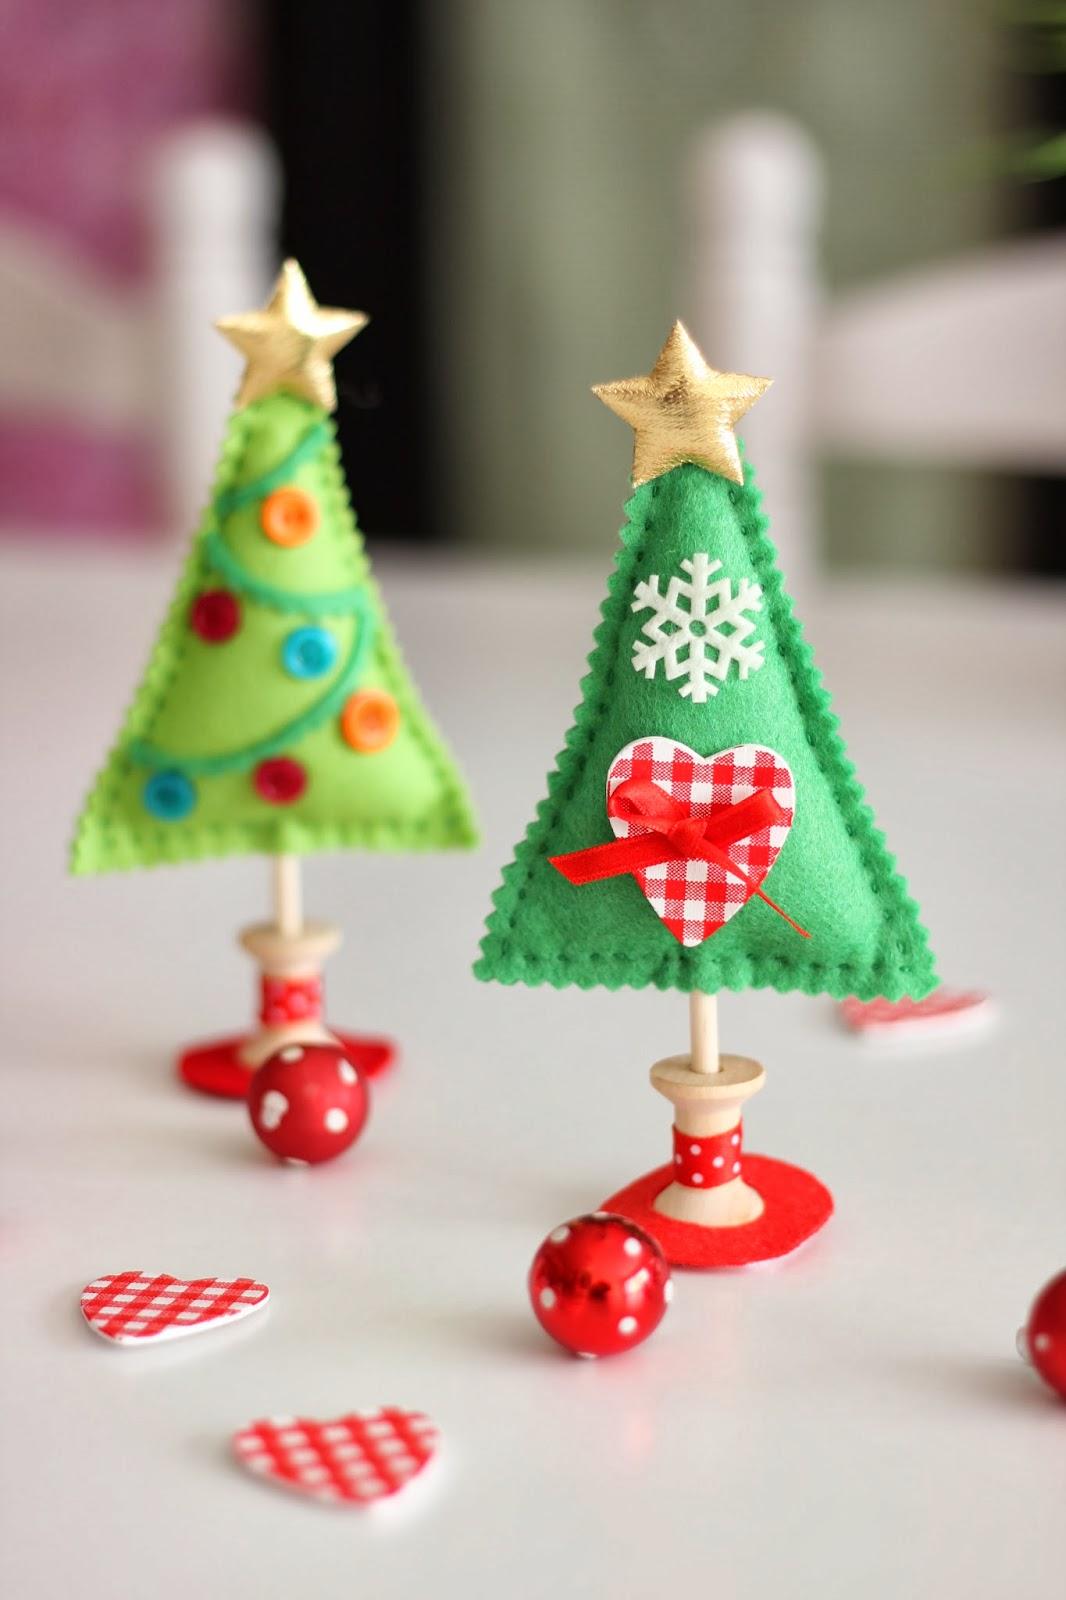 Mi hogar de patchwork arbol de navidad de fieltro - Arbolito de navidad ...